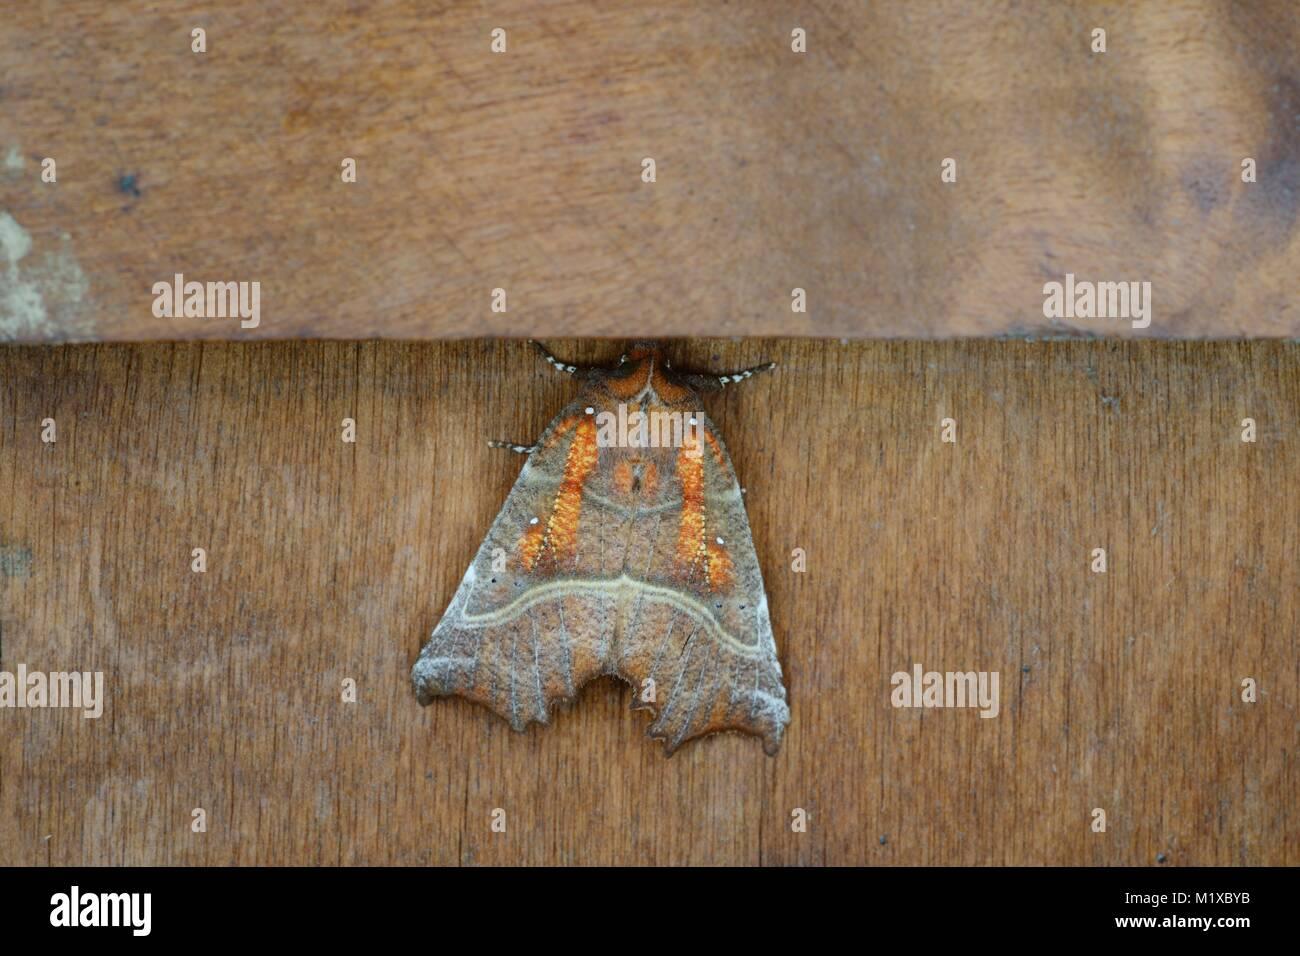 Scoliopteryx libatrix, Herald Moth hibernating indoors in Winter, Wales, UK - Stock Image